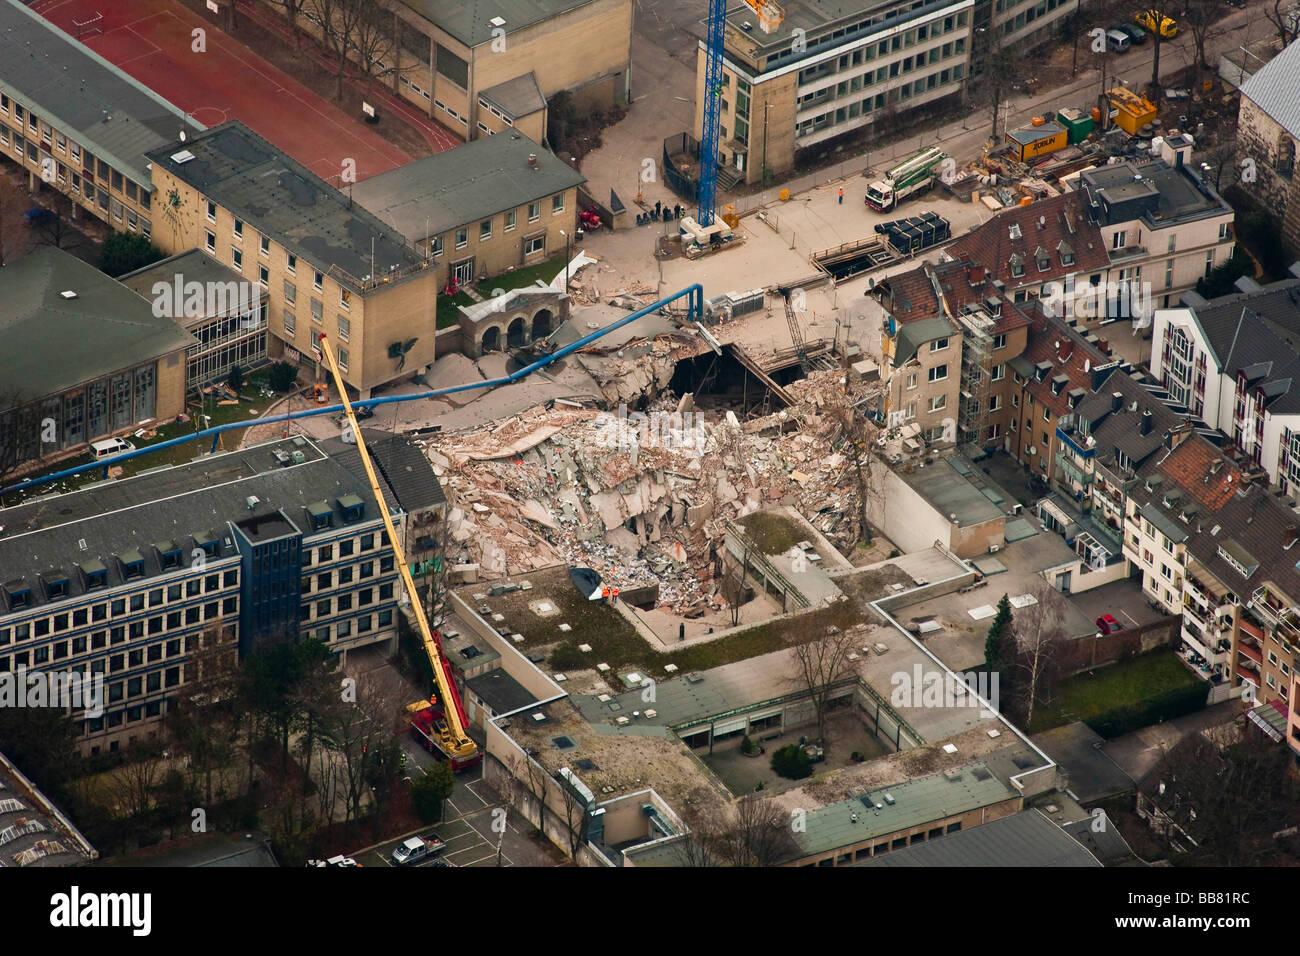 Vista aérea, derrumbe del Archivo Histórico de la ciudad de Colonia, Colonia, Renania del Norte-Westfalia, Alemania, Foto de stock